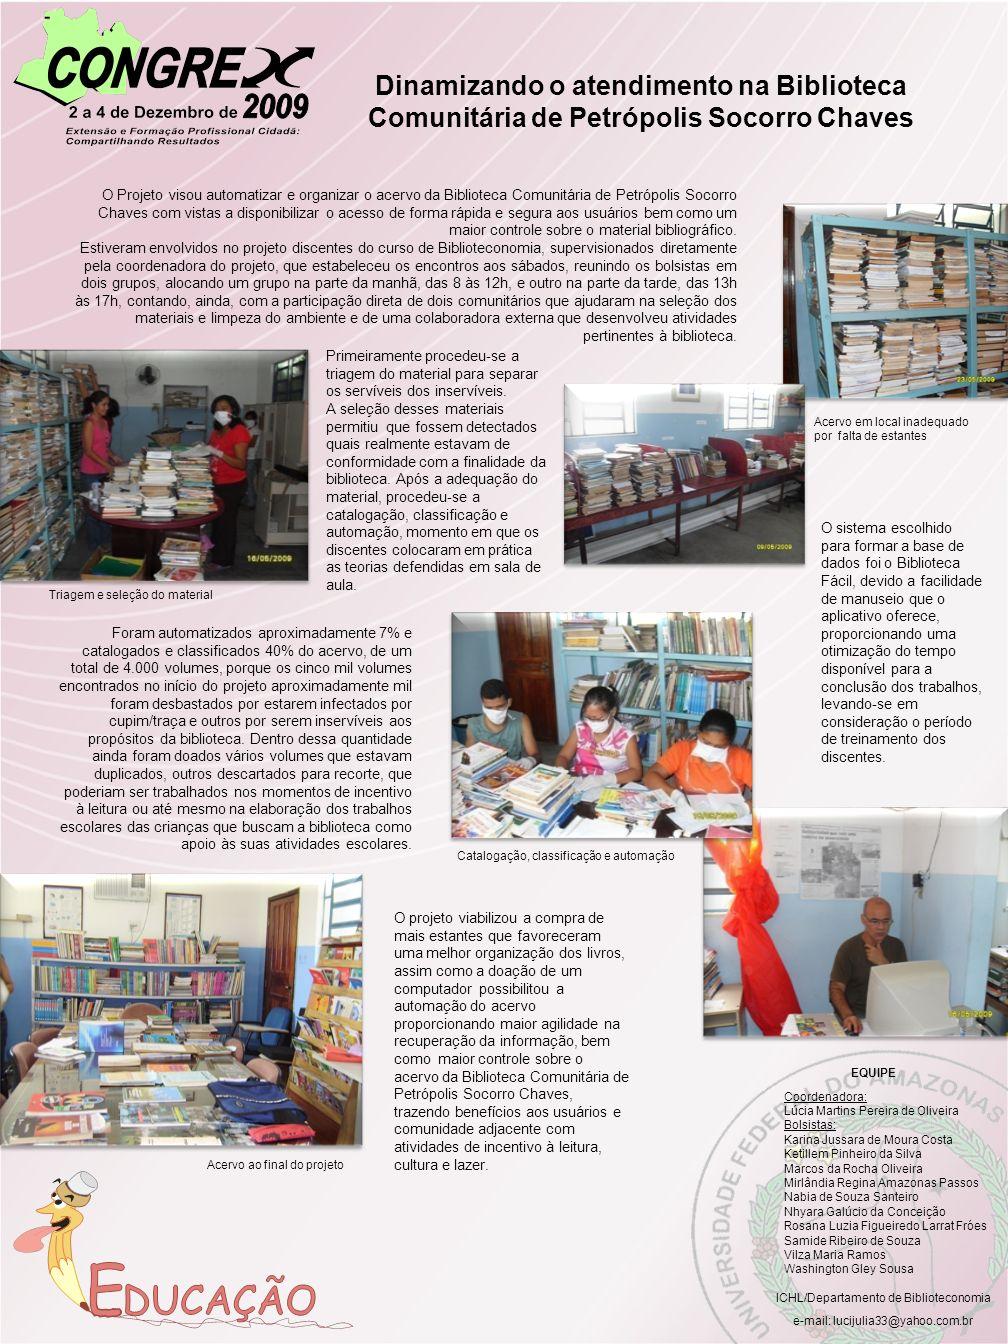 ICHL/Departamento de Biblioteconomia Dinamizando o atendimento na Biblioteca Comunitária de Petrópolis Socorro Chaves e-mail: lucijulia33@yahoo.com.br